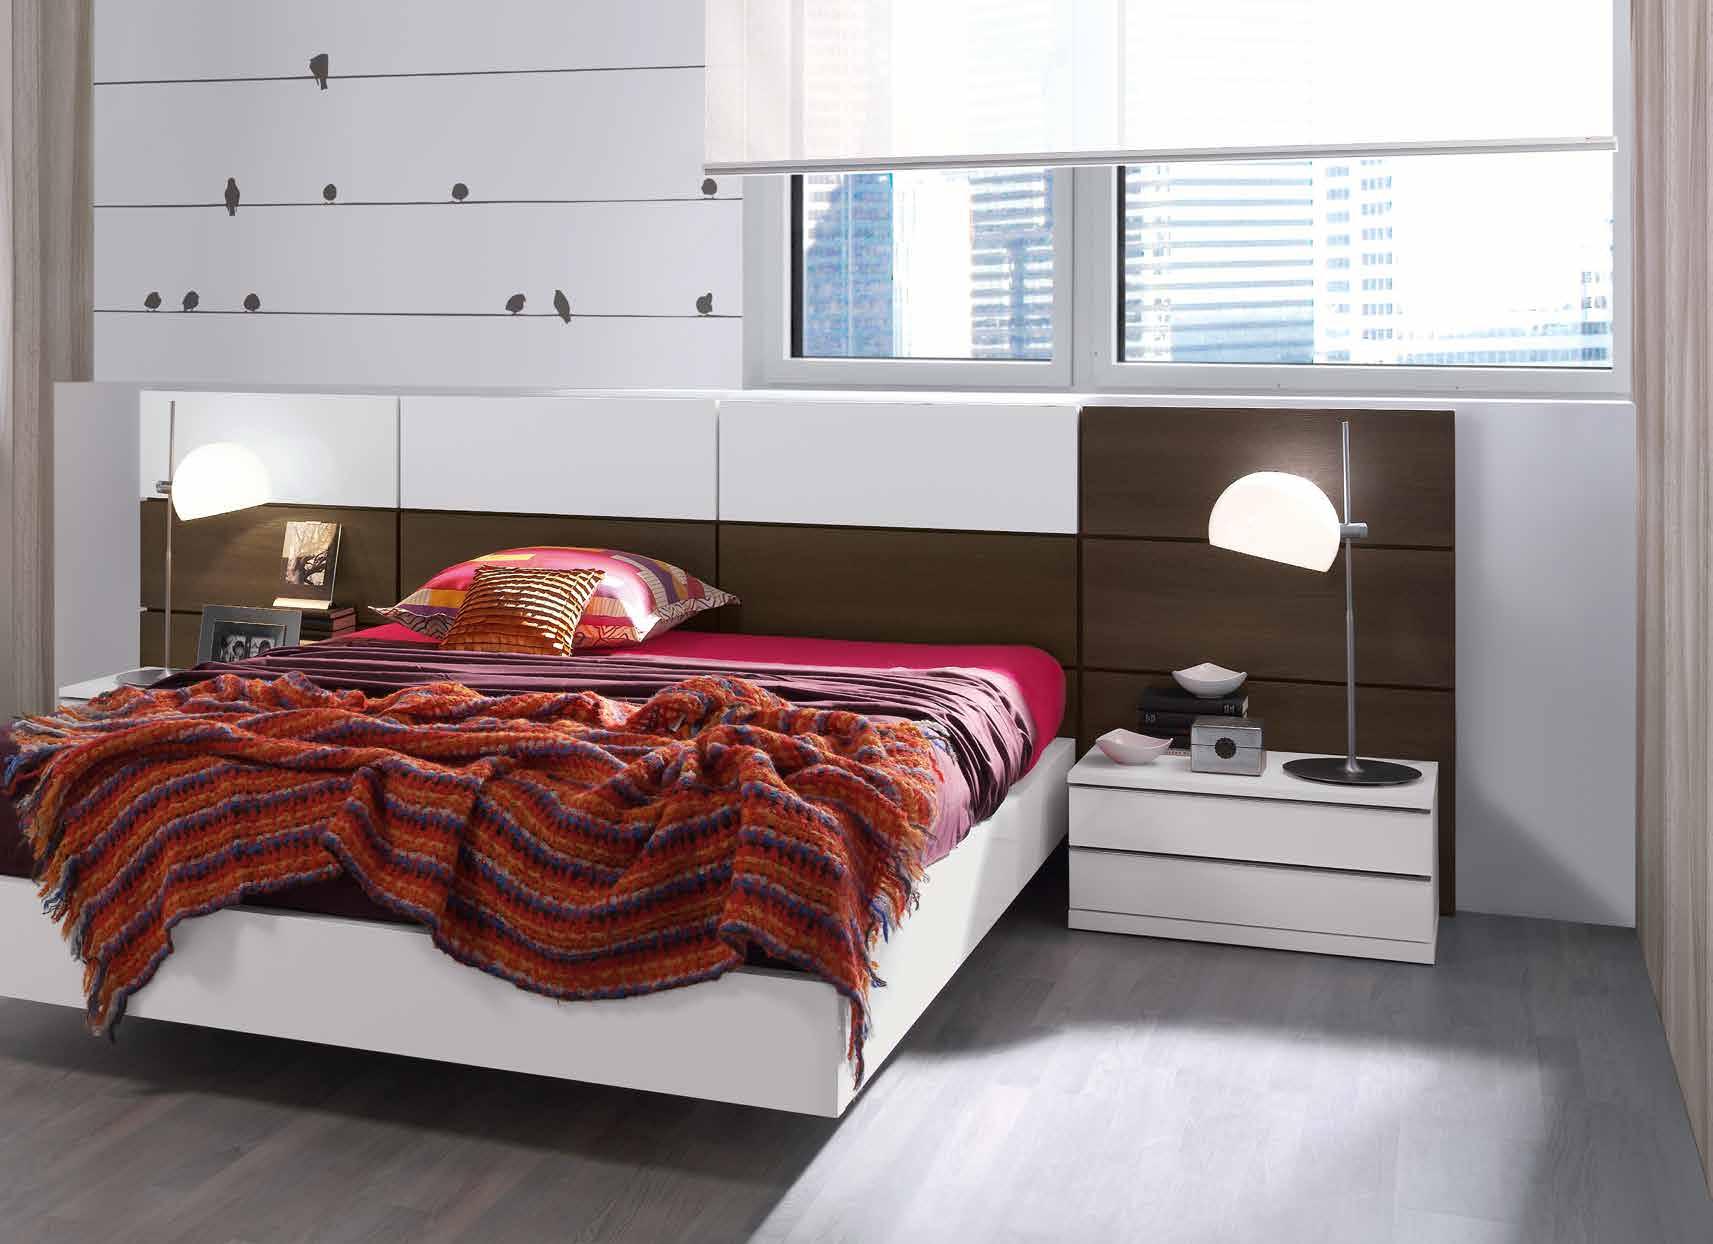 279-dormitorios-e-27